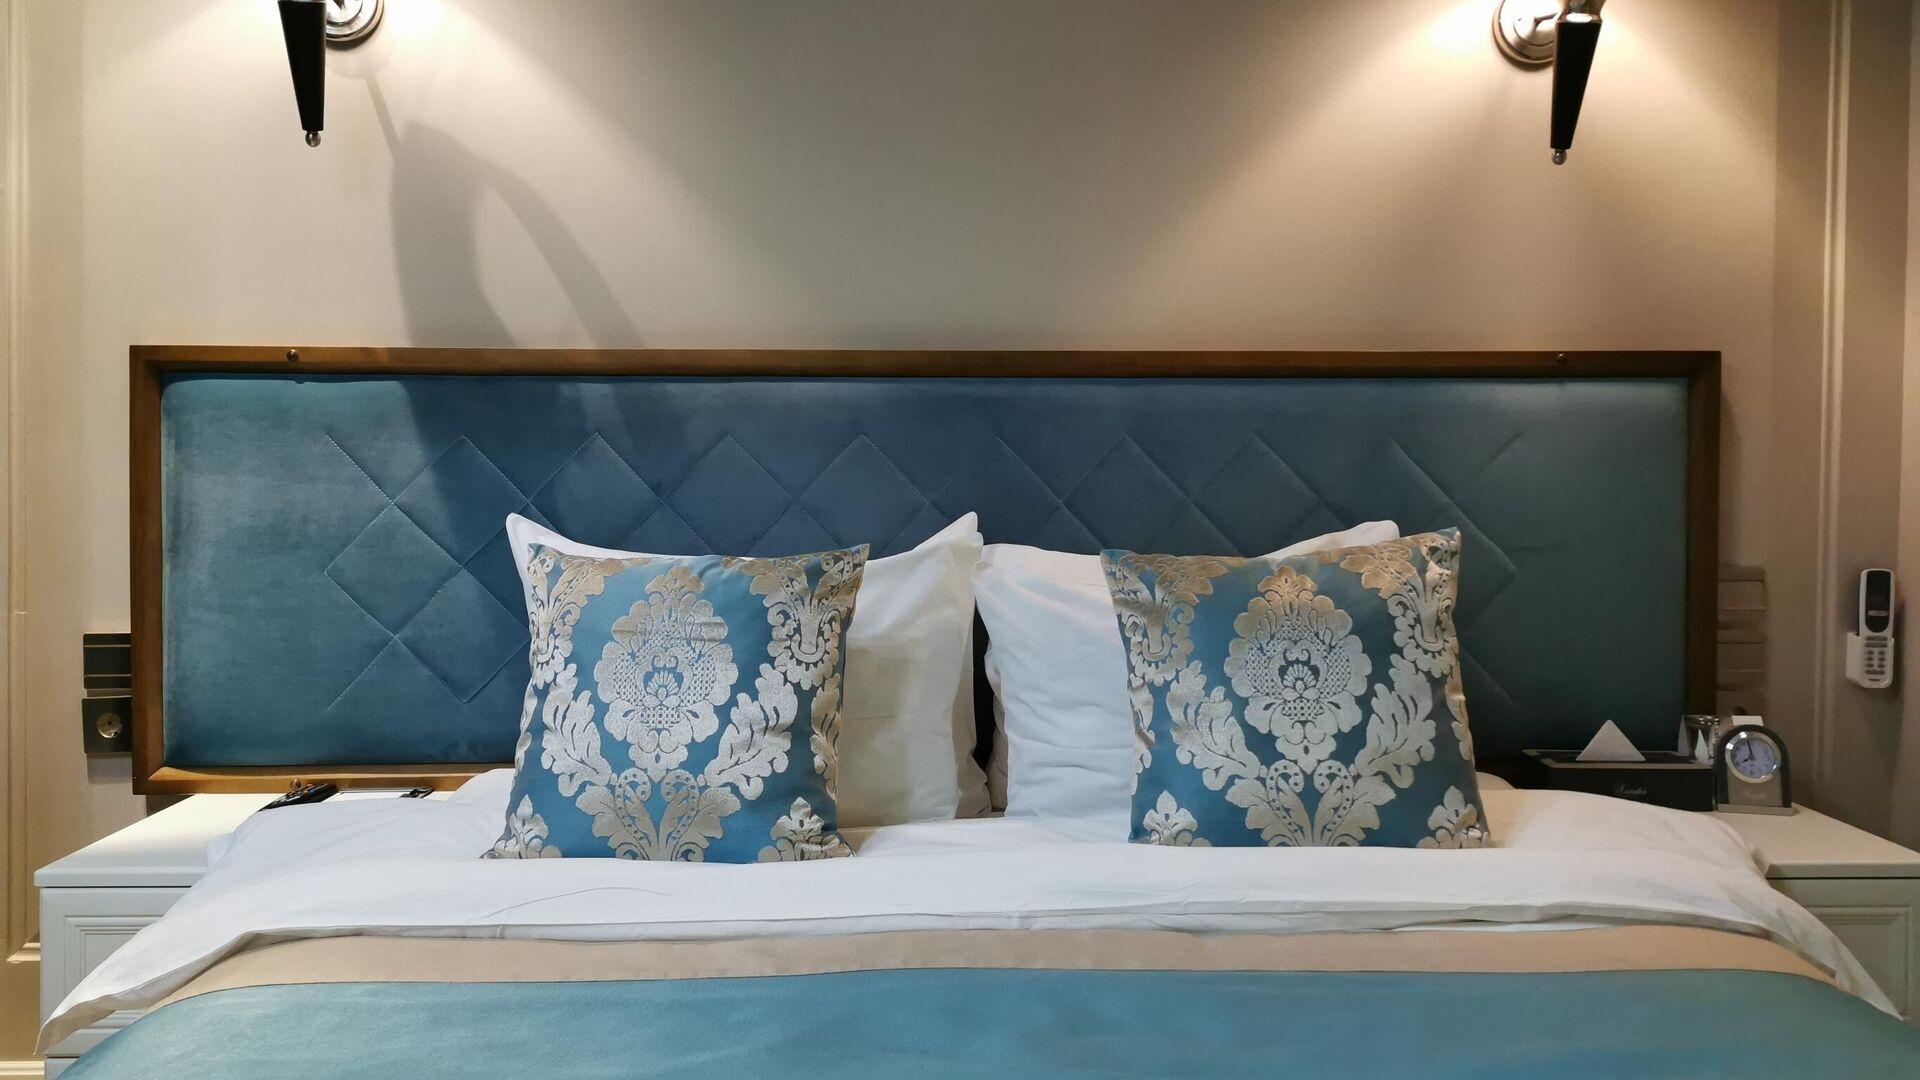 Кровать в номере 239 в гостинице Xander Hotel в Томске - РИА Новости, 1920, 22.10.2020